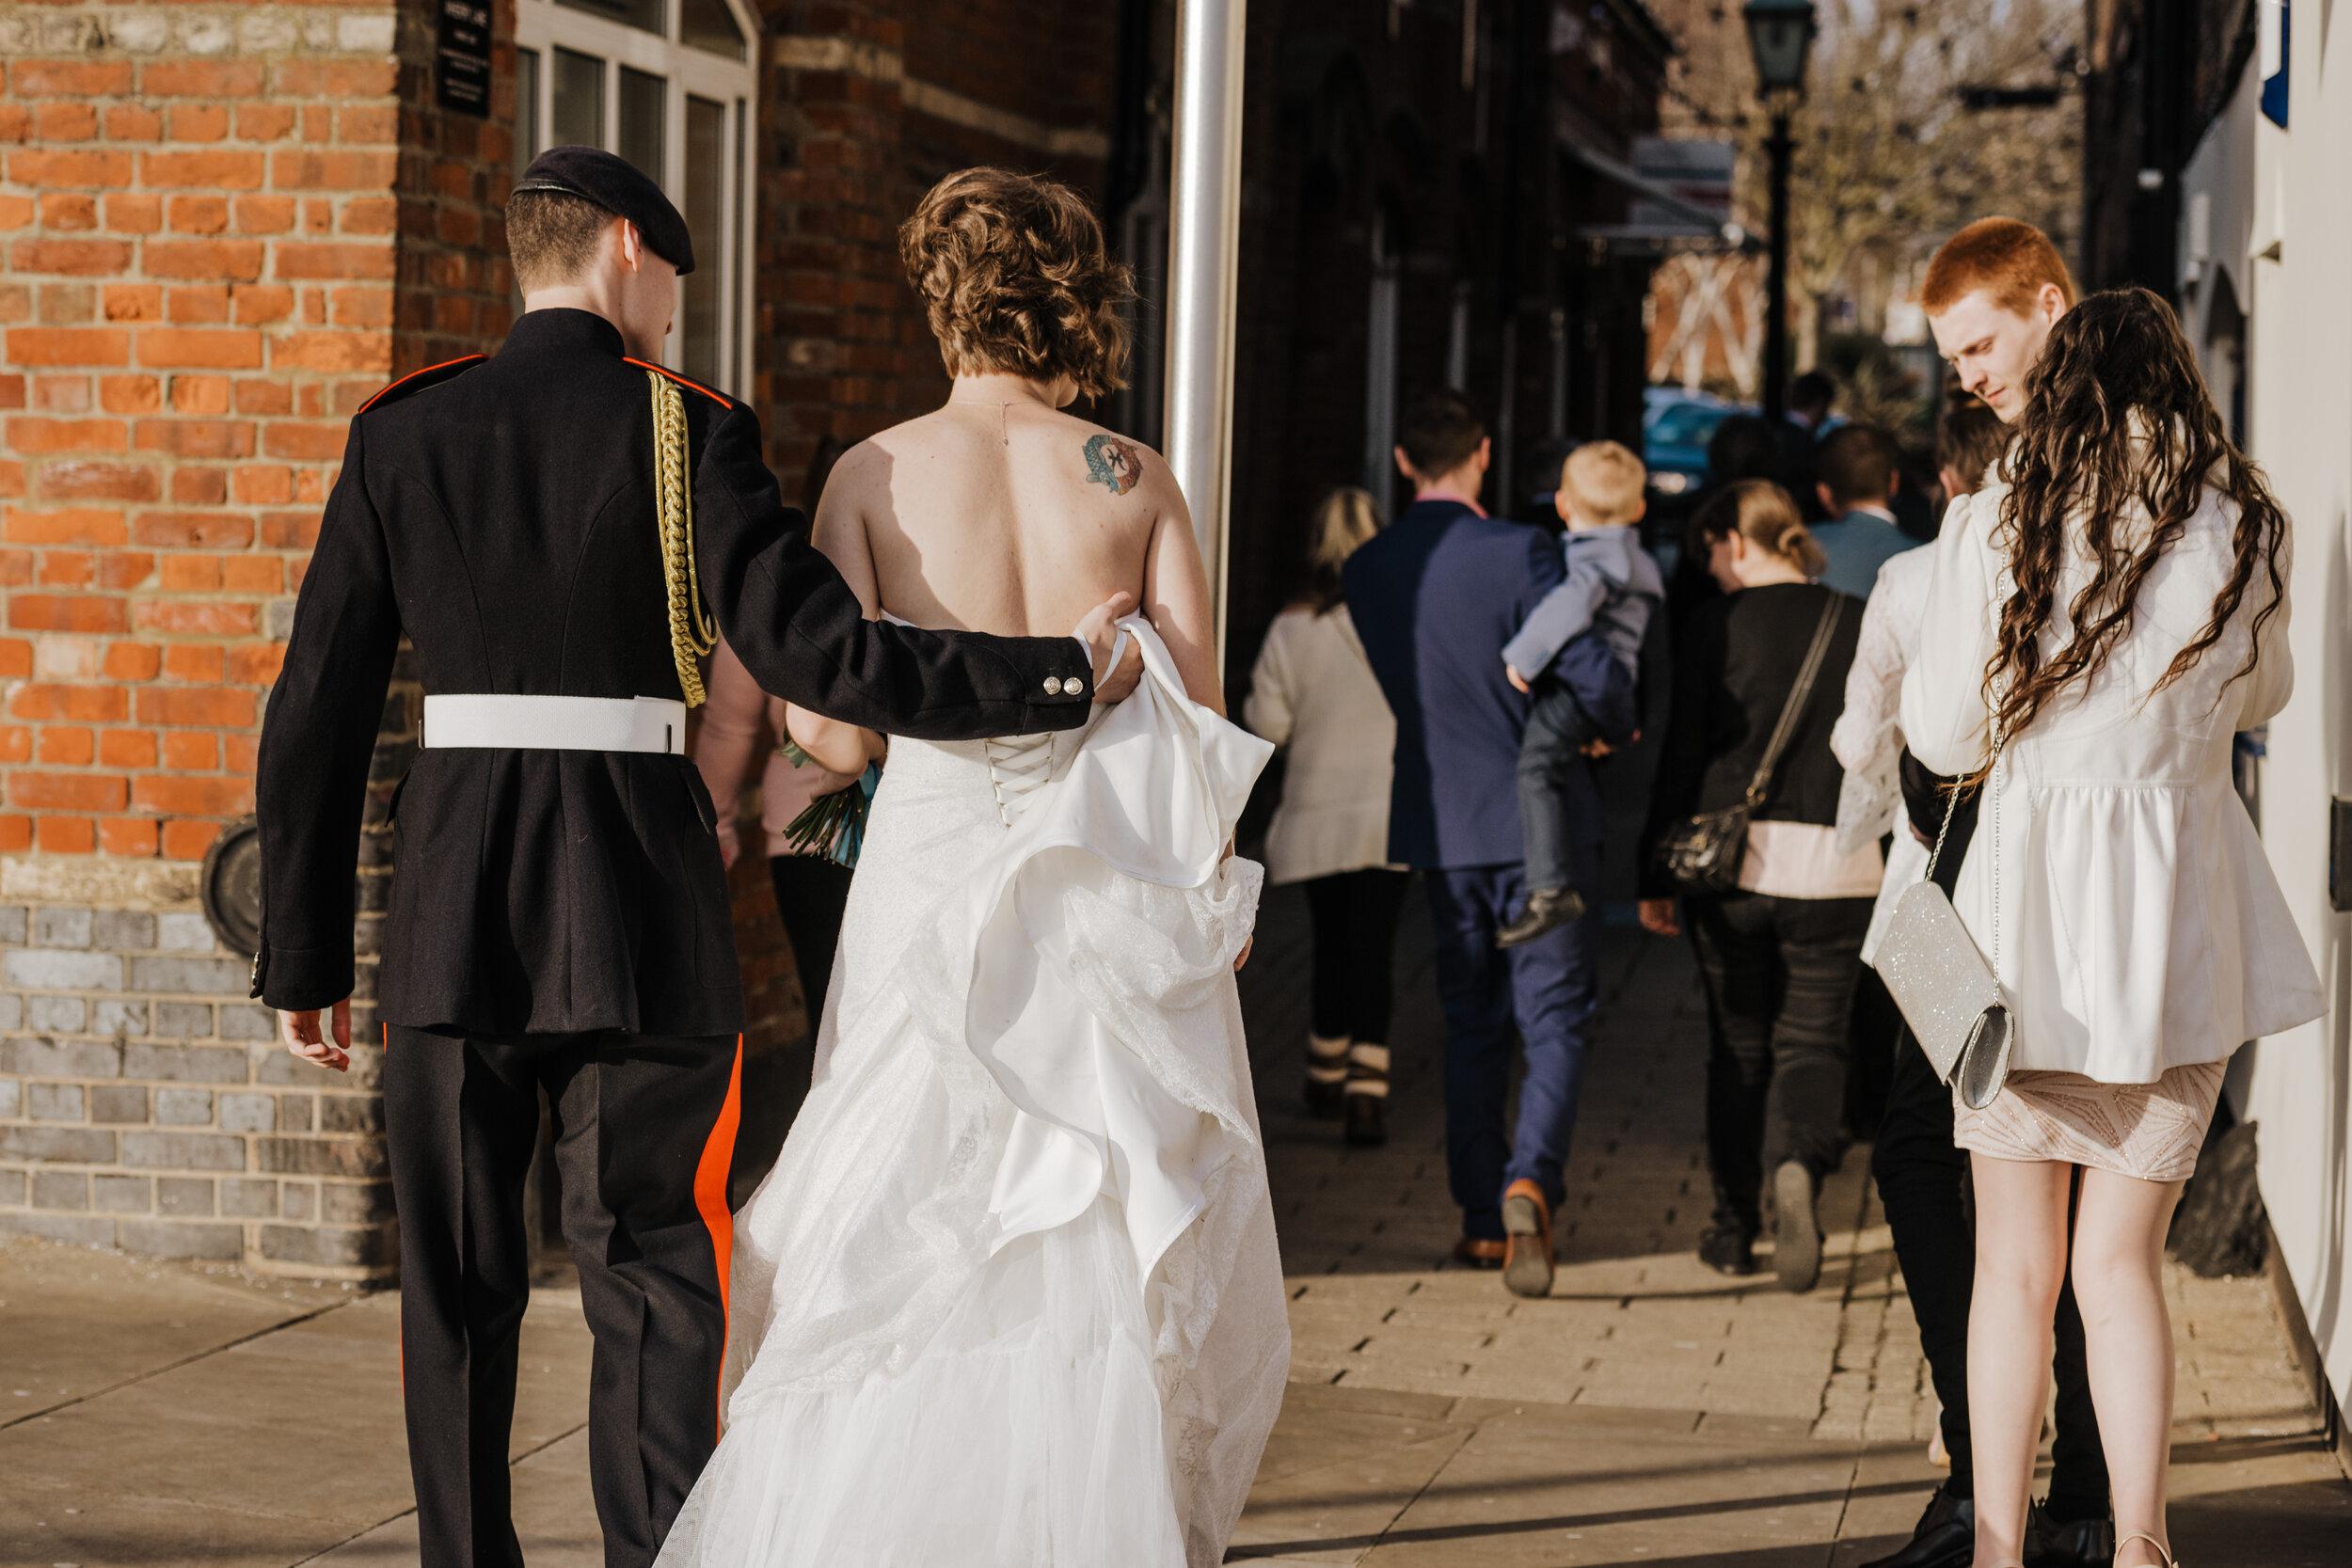 SUFFOLK_WEDDING_PHOTOGRAPHY_ISAACS_WEDDING_VENUE_WEDDINGPHOTOGRAPHERNEARME_iPSWICHWEDDINGPHOTOGRAPHER (50).jpg